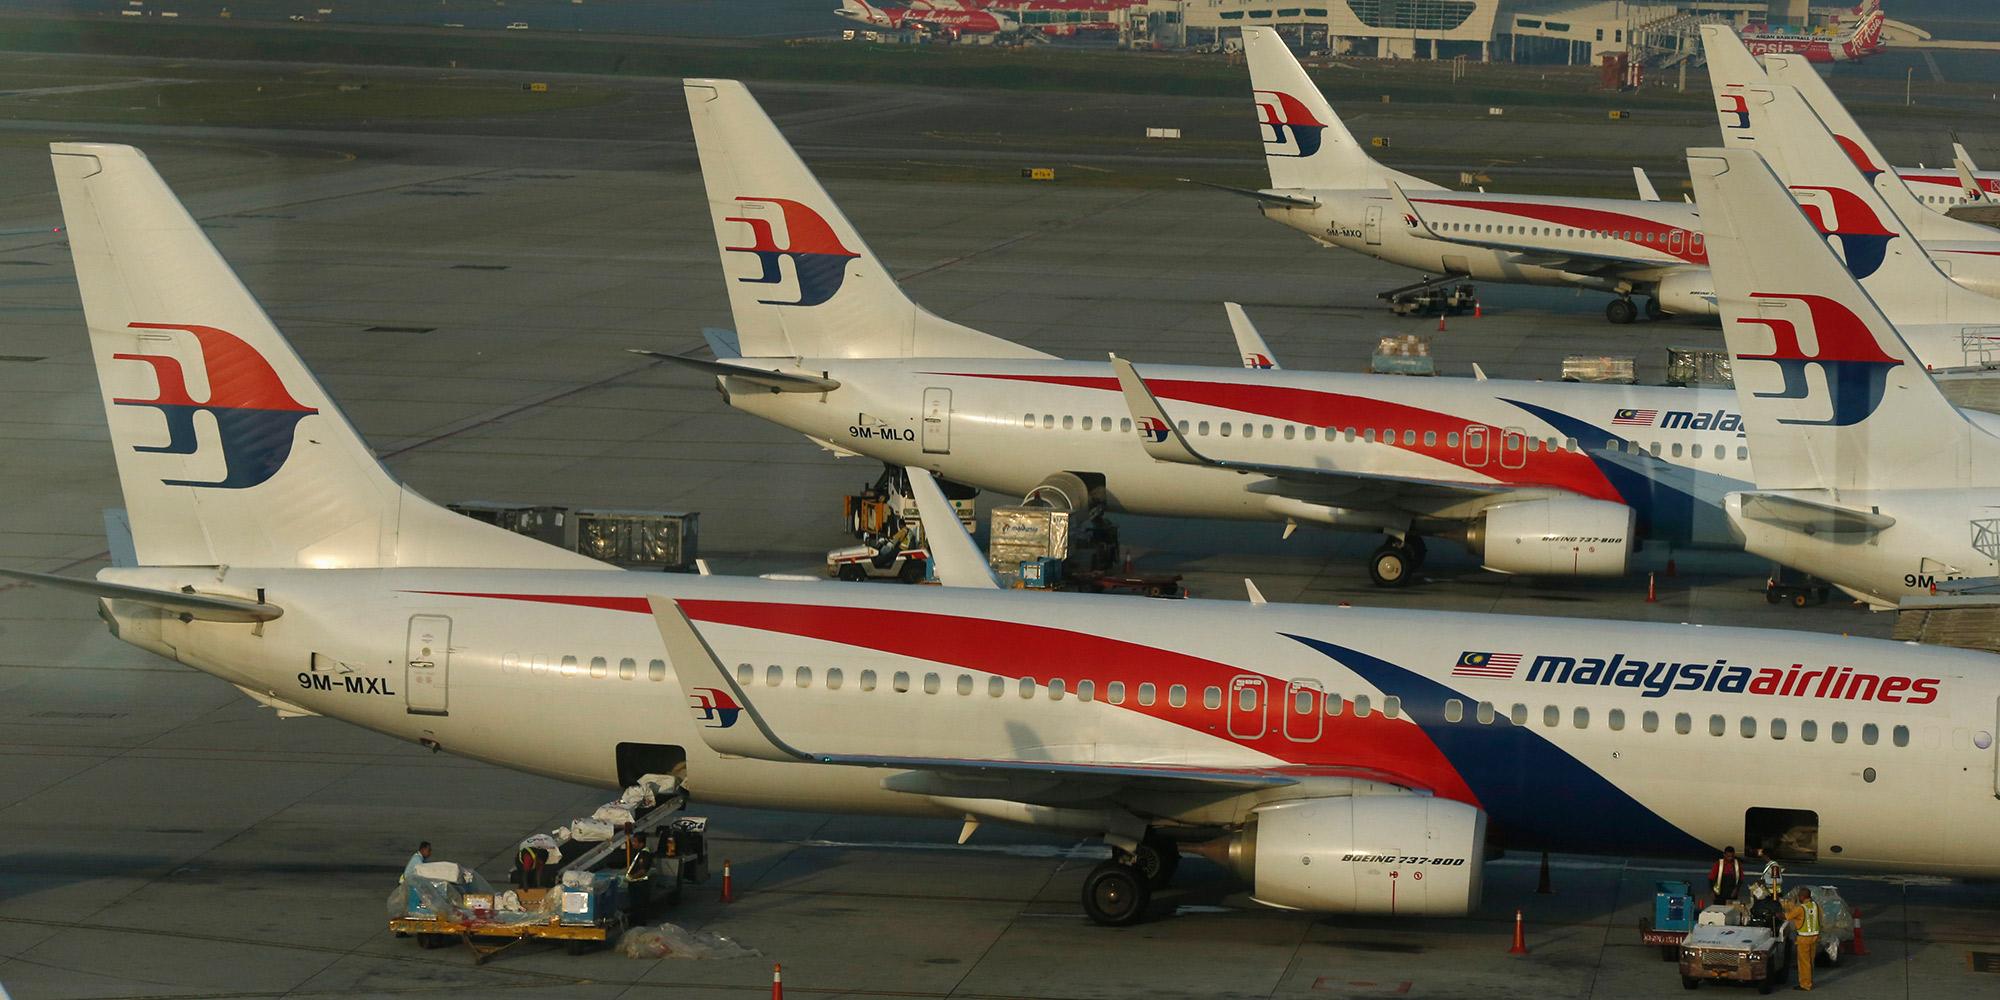 Disparition Du Mh370 L Enquete Va T Elle Etre Relancee Aux Etats Unis